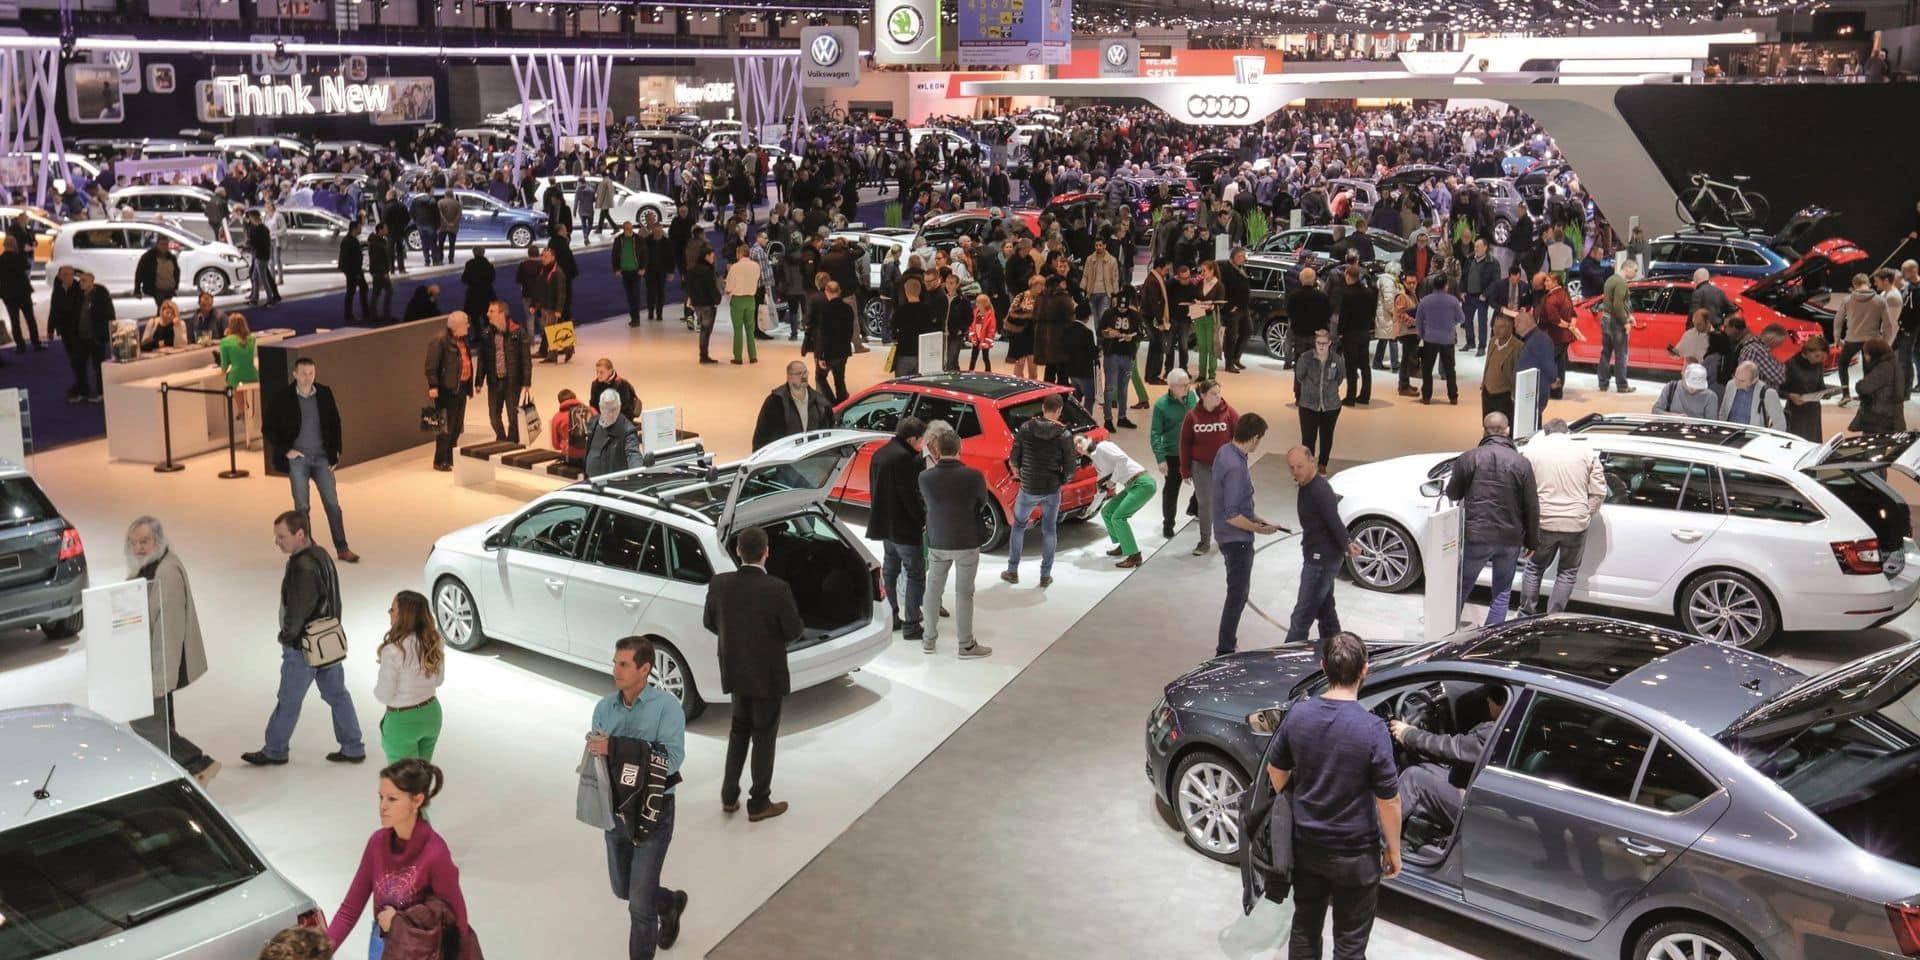 Le Salon de l'Auto aura bien lieu, mais Volvo n'y sera pas